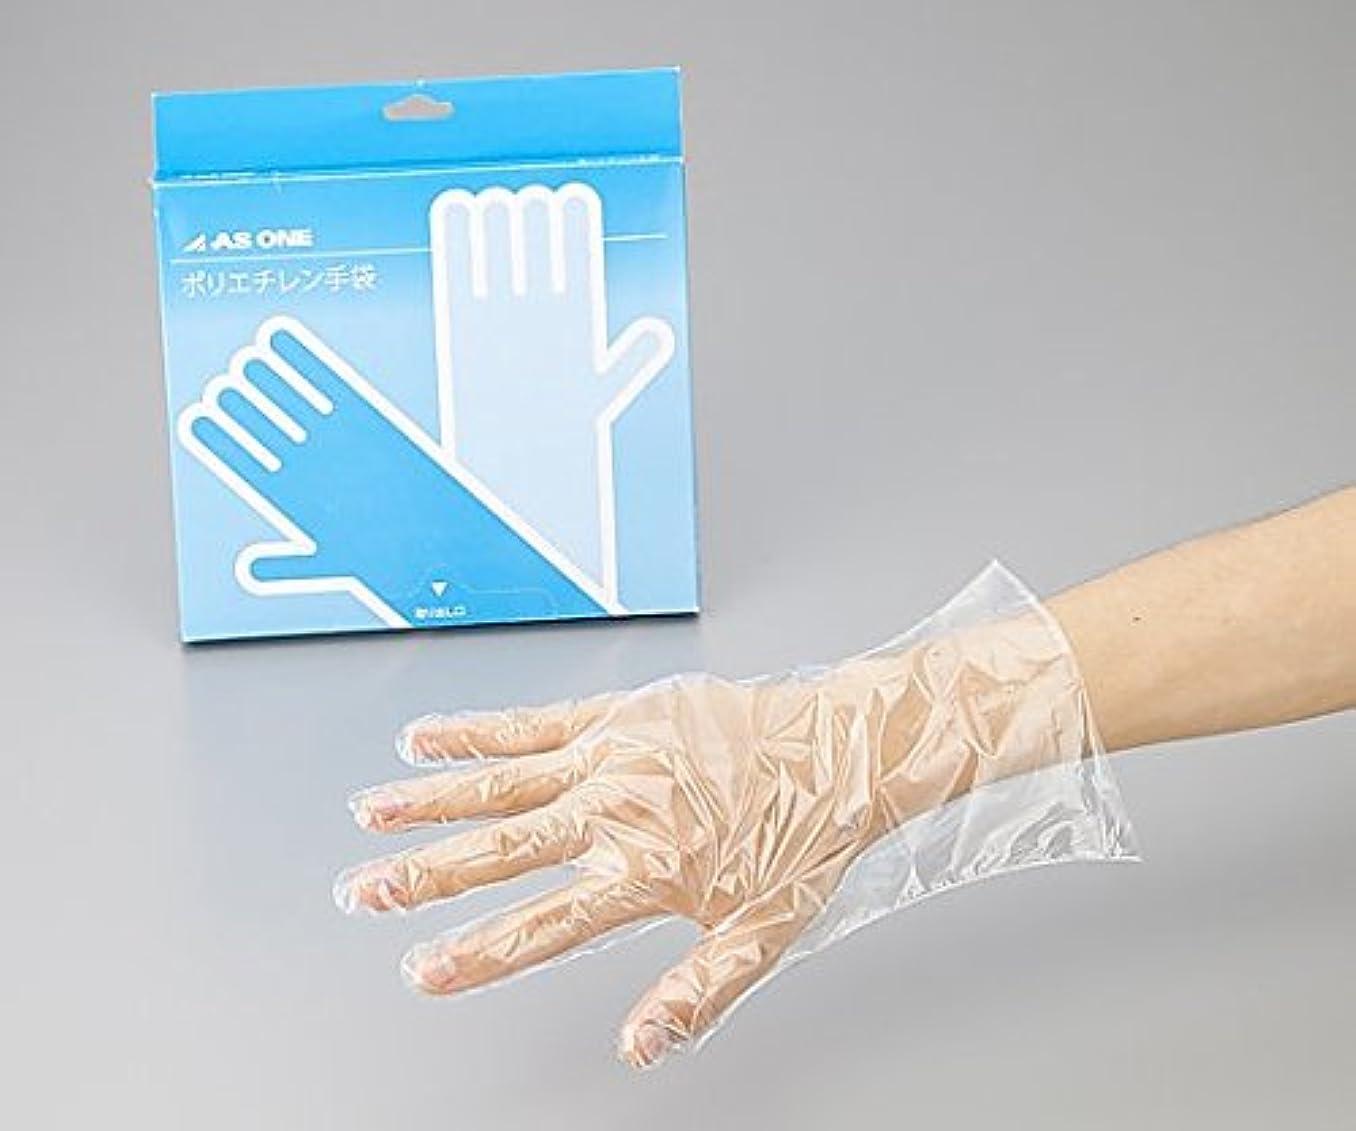 不十分な促進する別れるアズワン2-4973-01ポリエチレン手袋スタンダード標準厚L100枚入